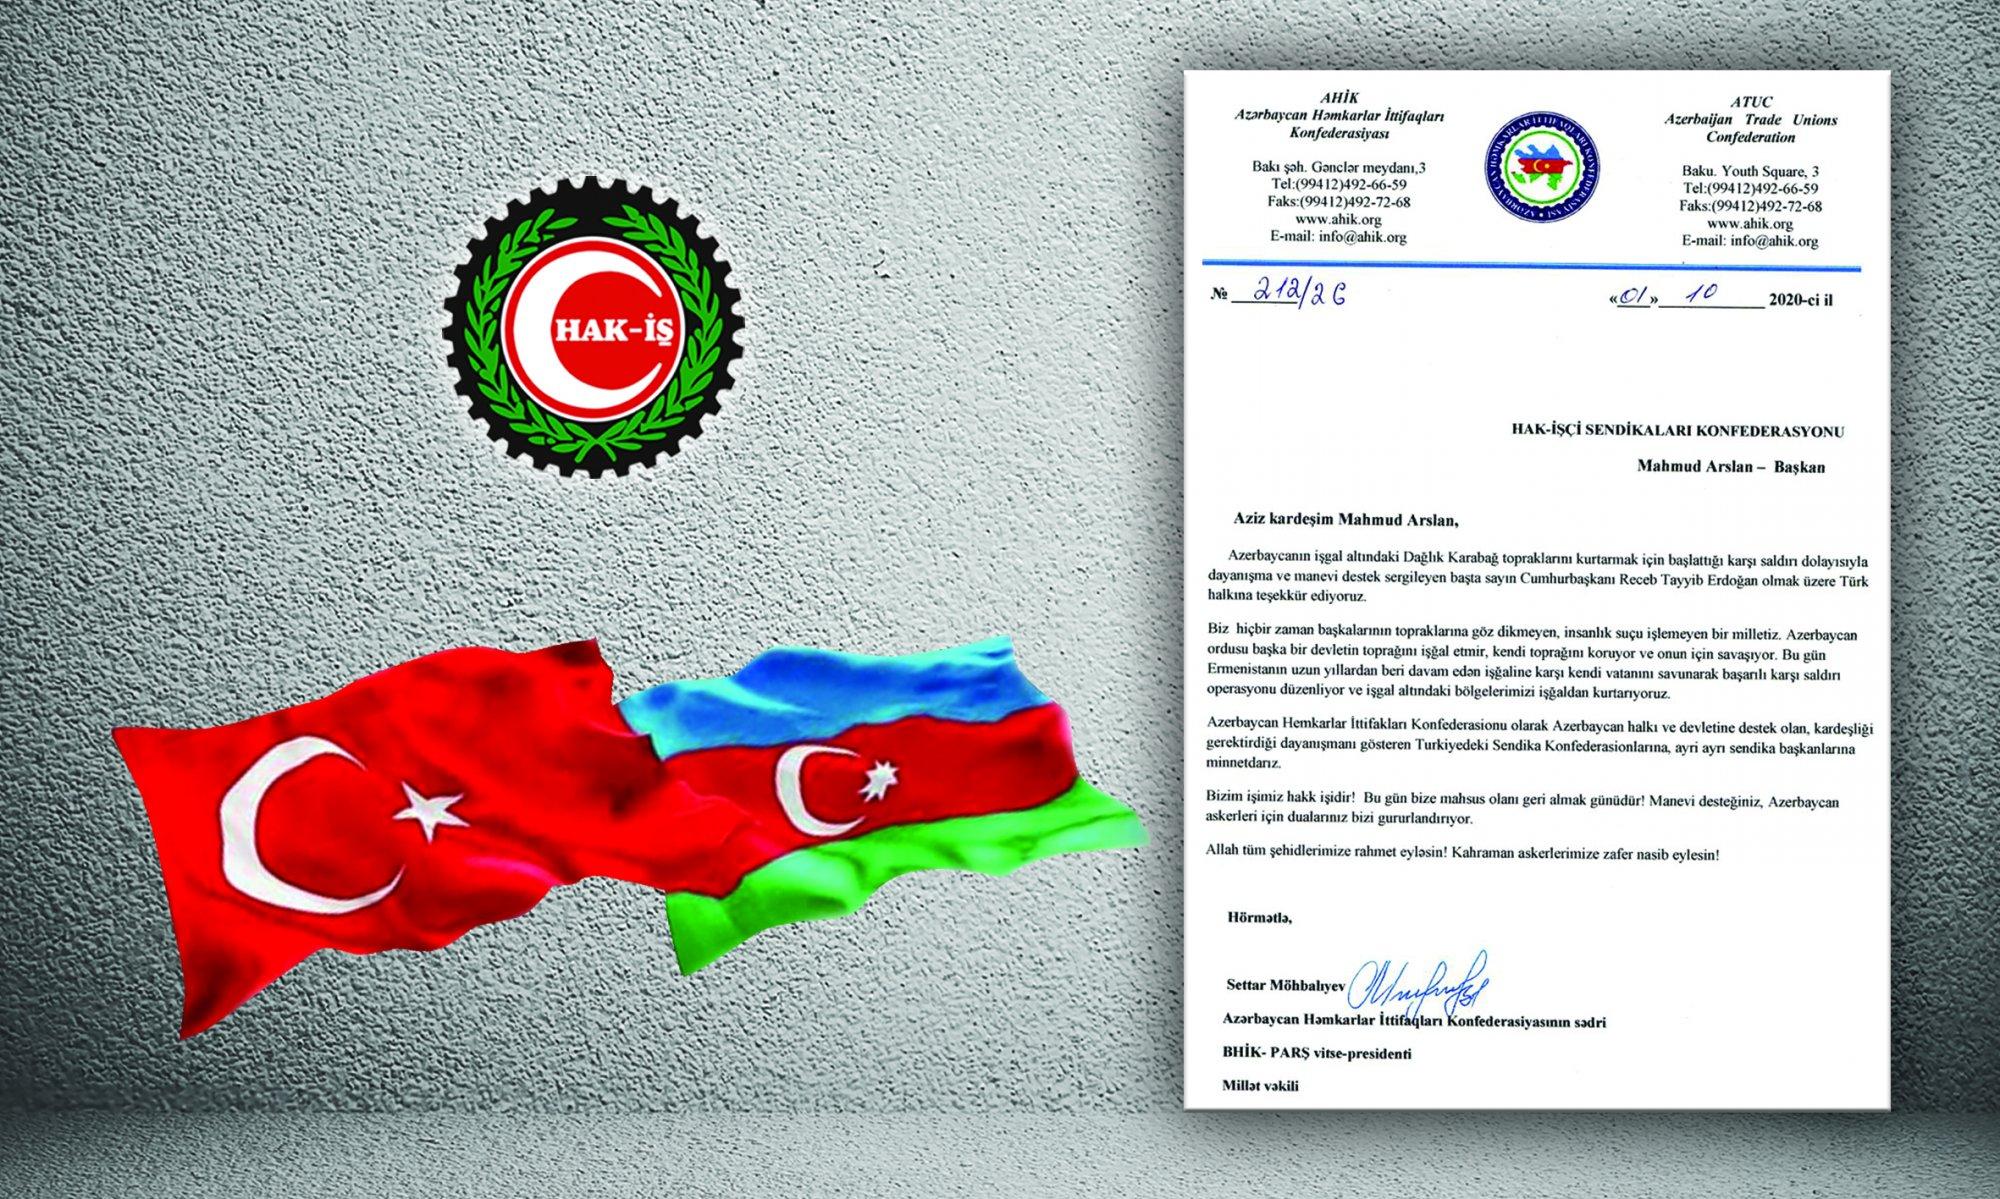 AZERBAYCAN'DAN ARSLAN'A TEŞEKKÜR MEKTUBU